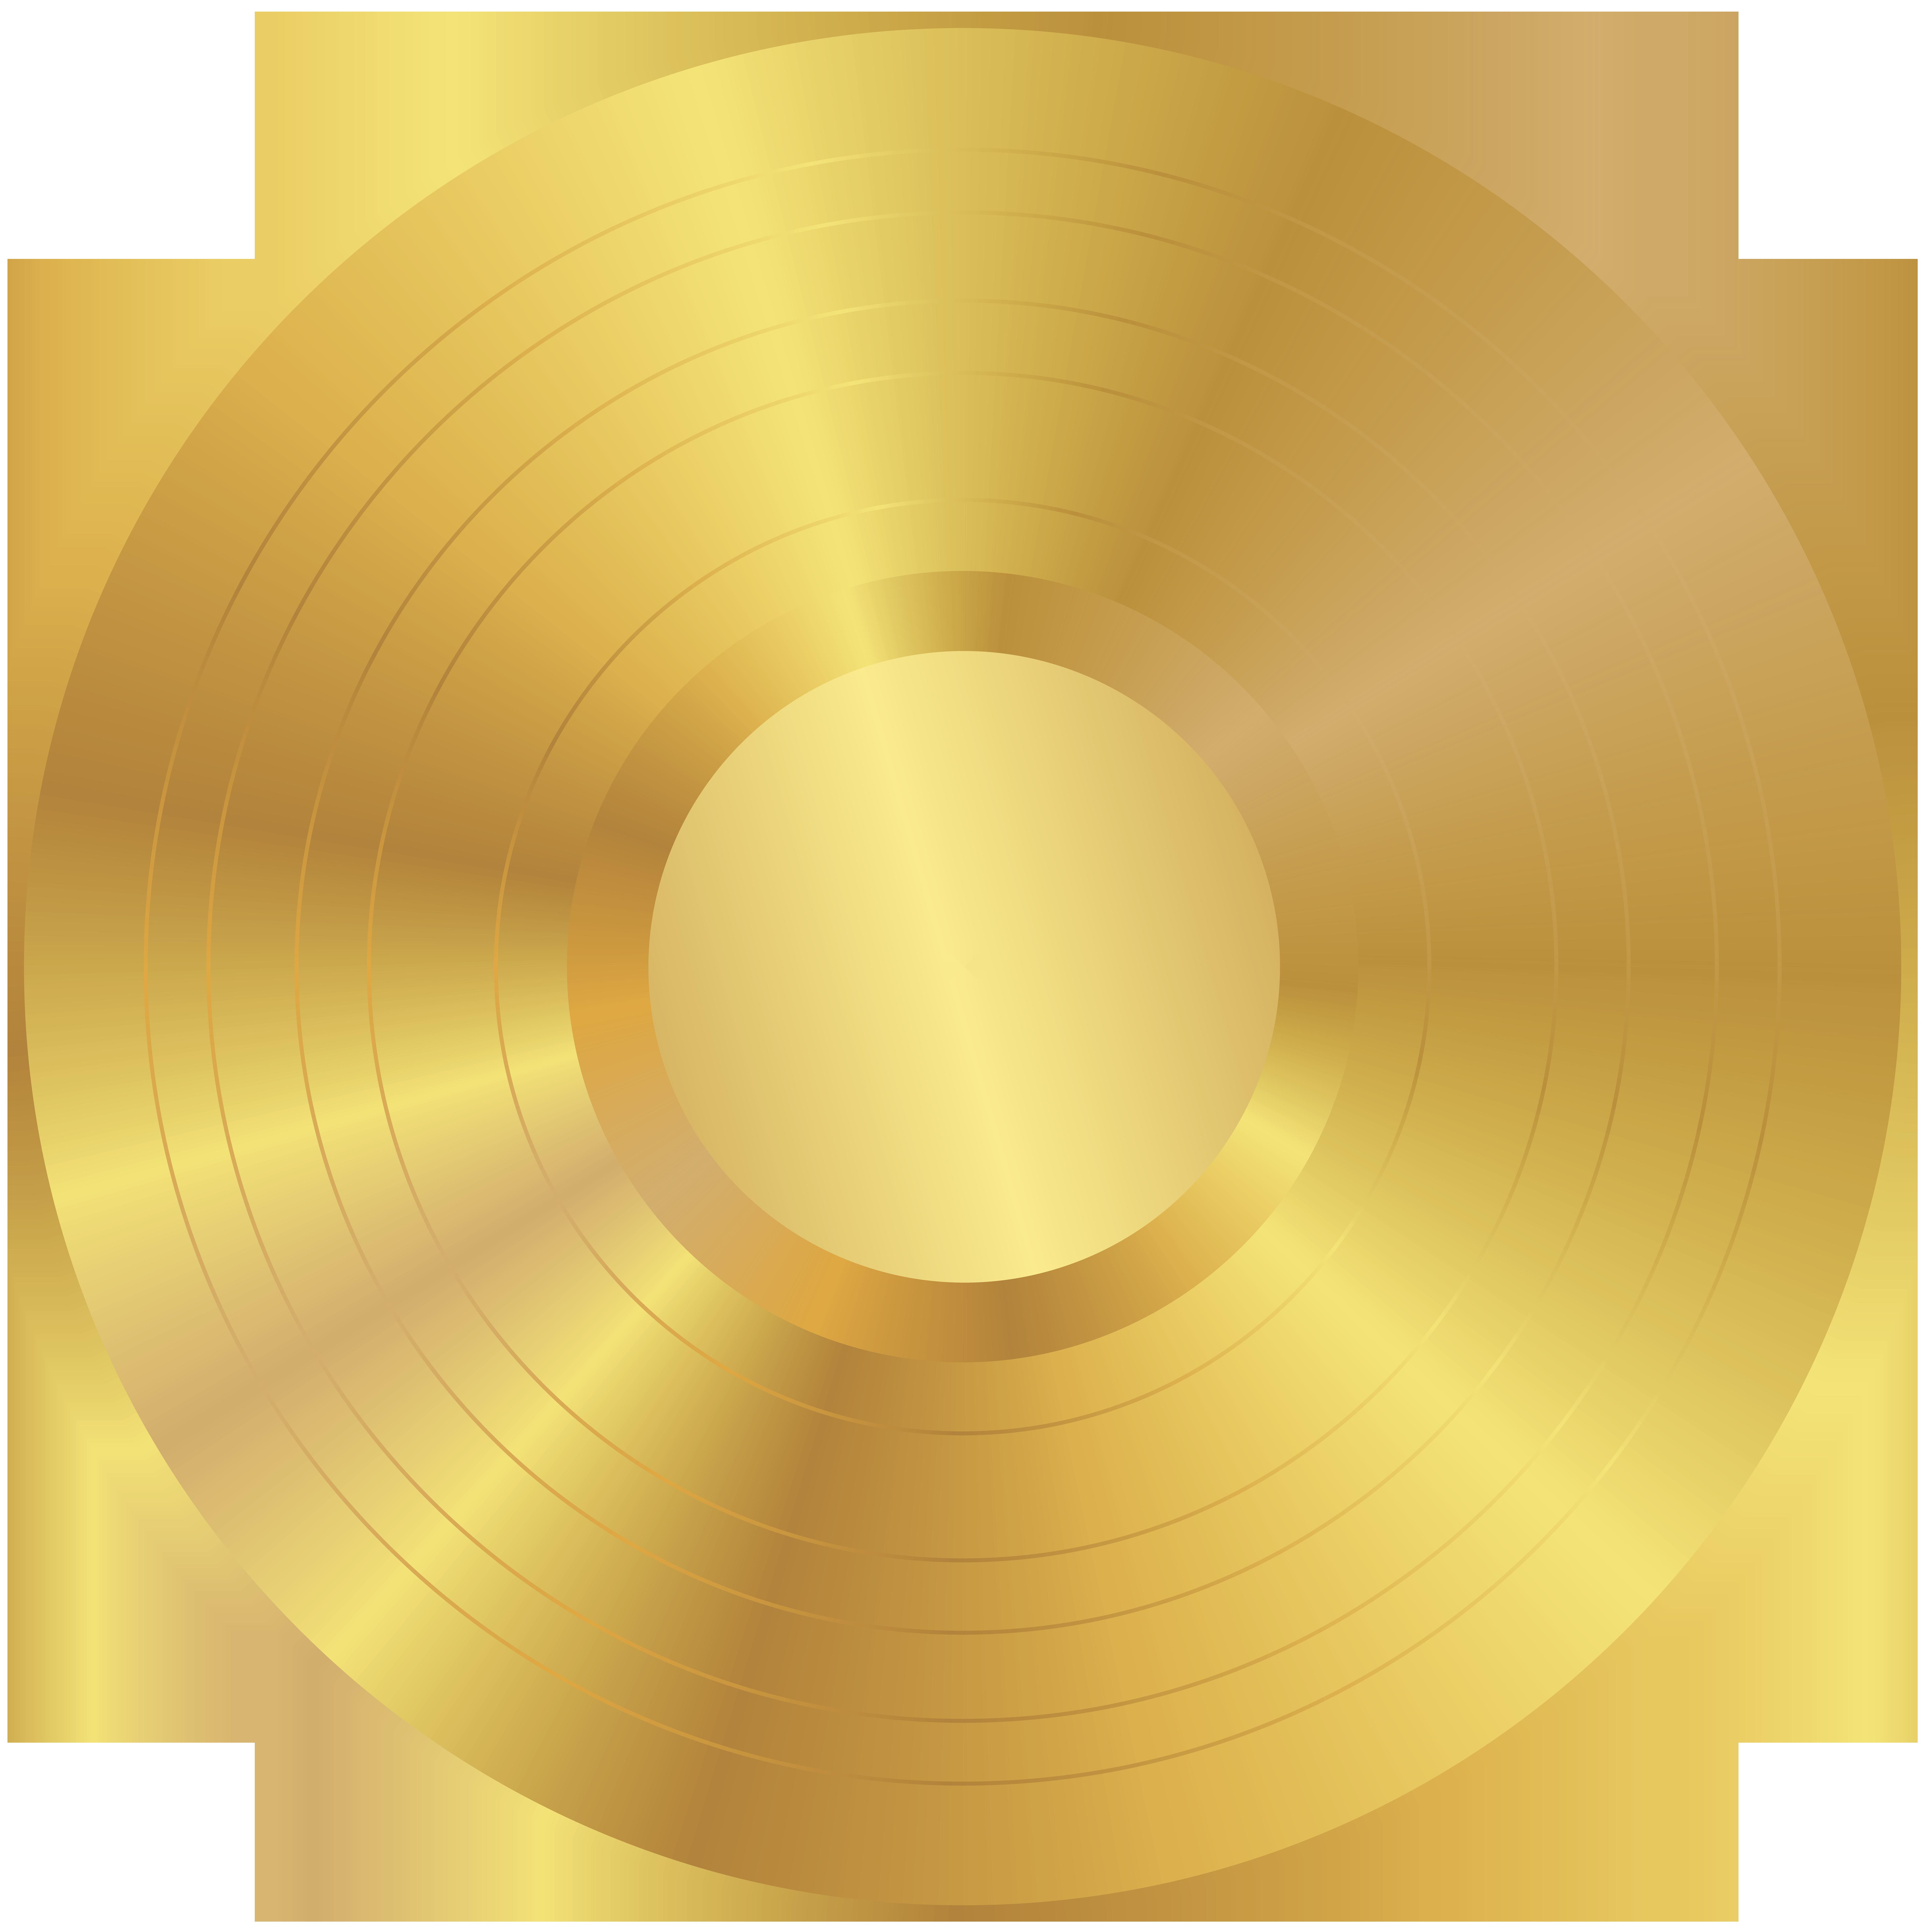 Gold Vinyl Record PNG Clip Art Image.